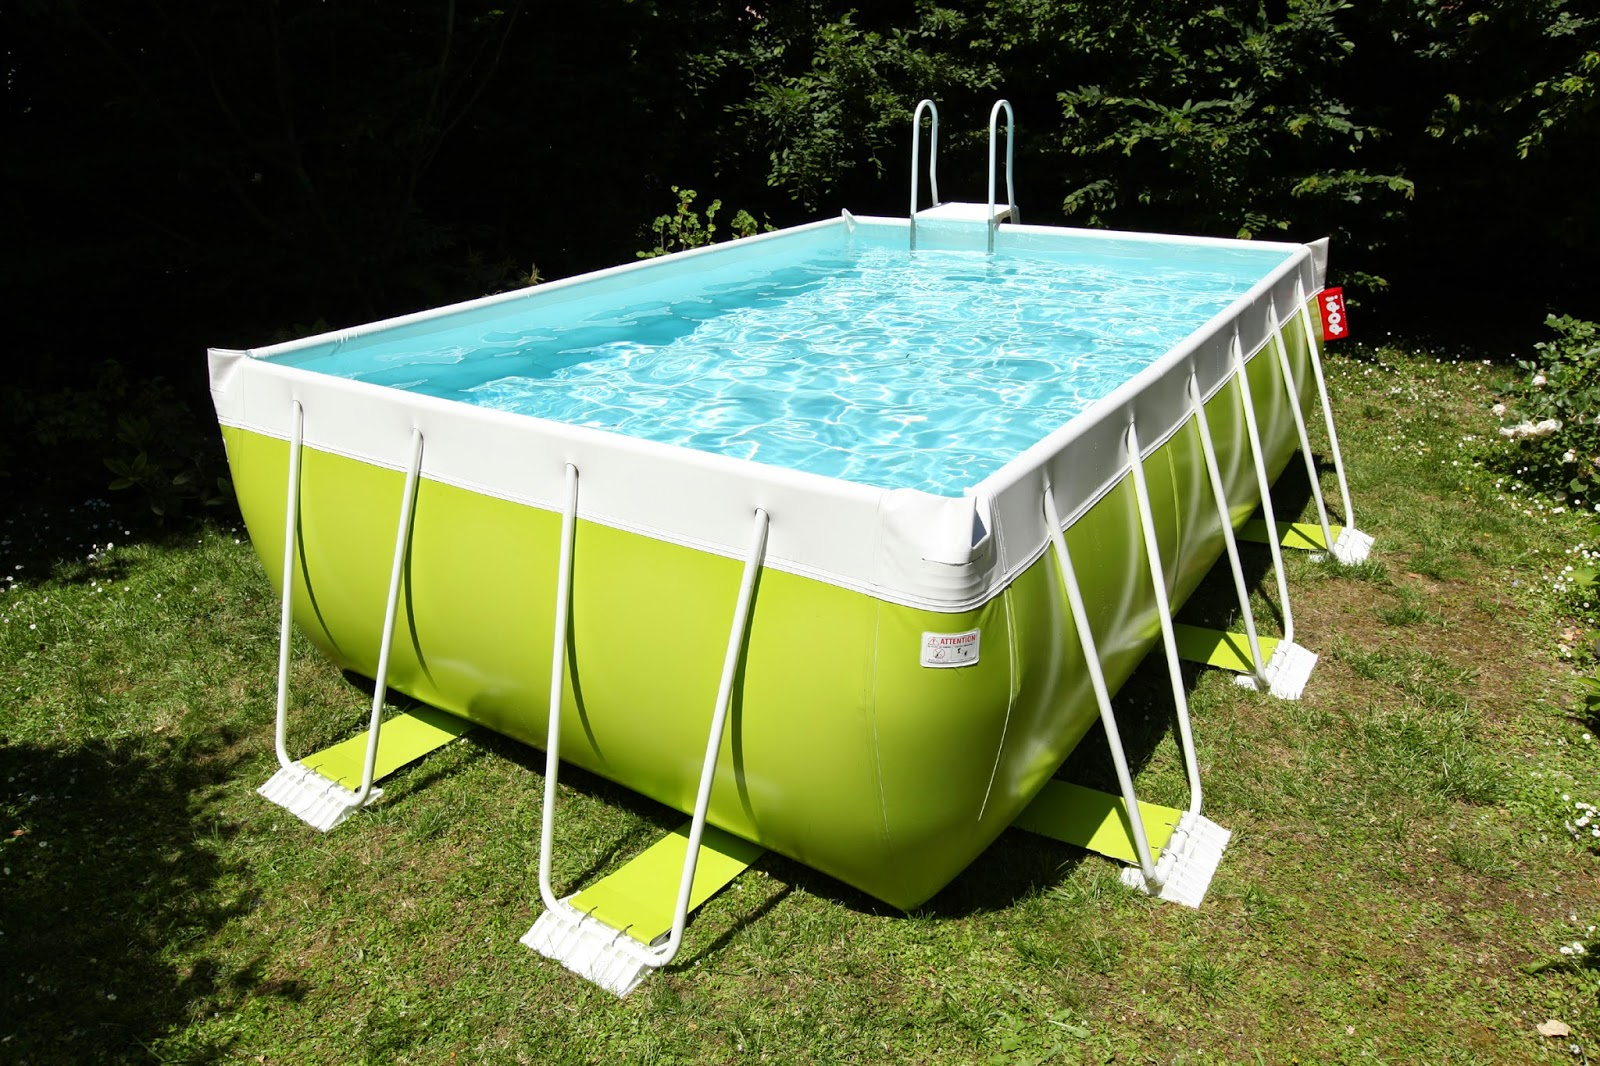 Piscina Su Terreno In Pendenza piscine fuori terra per il tuo giardino: scopri i vantaggi e